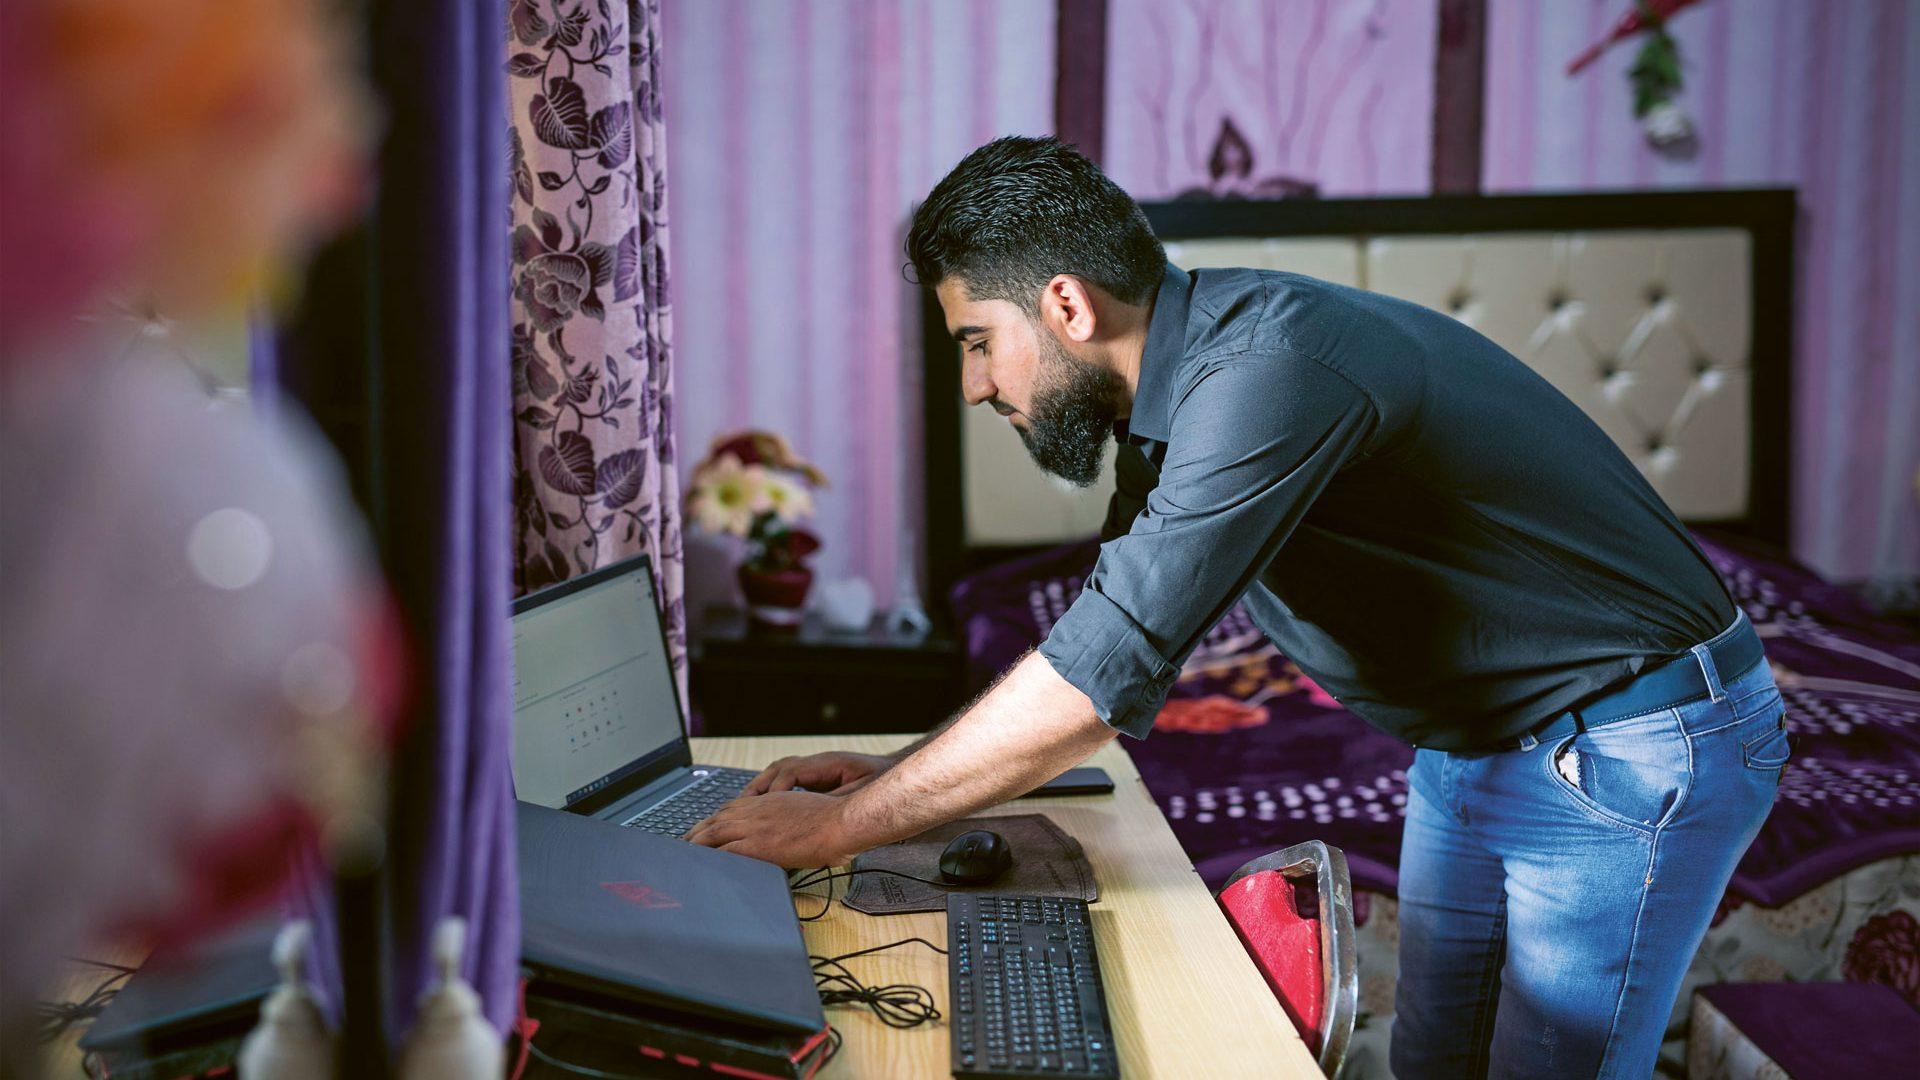 Mies näppäilee tietokonetta.